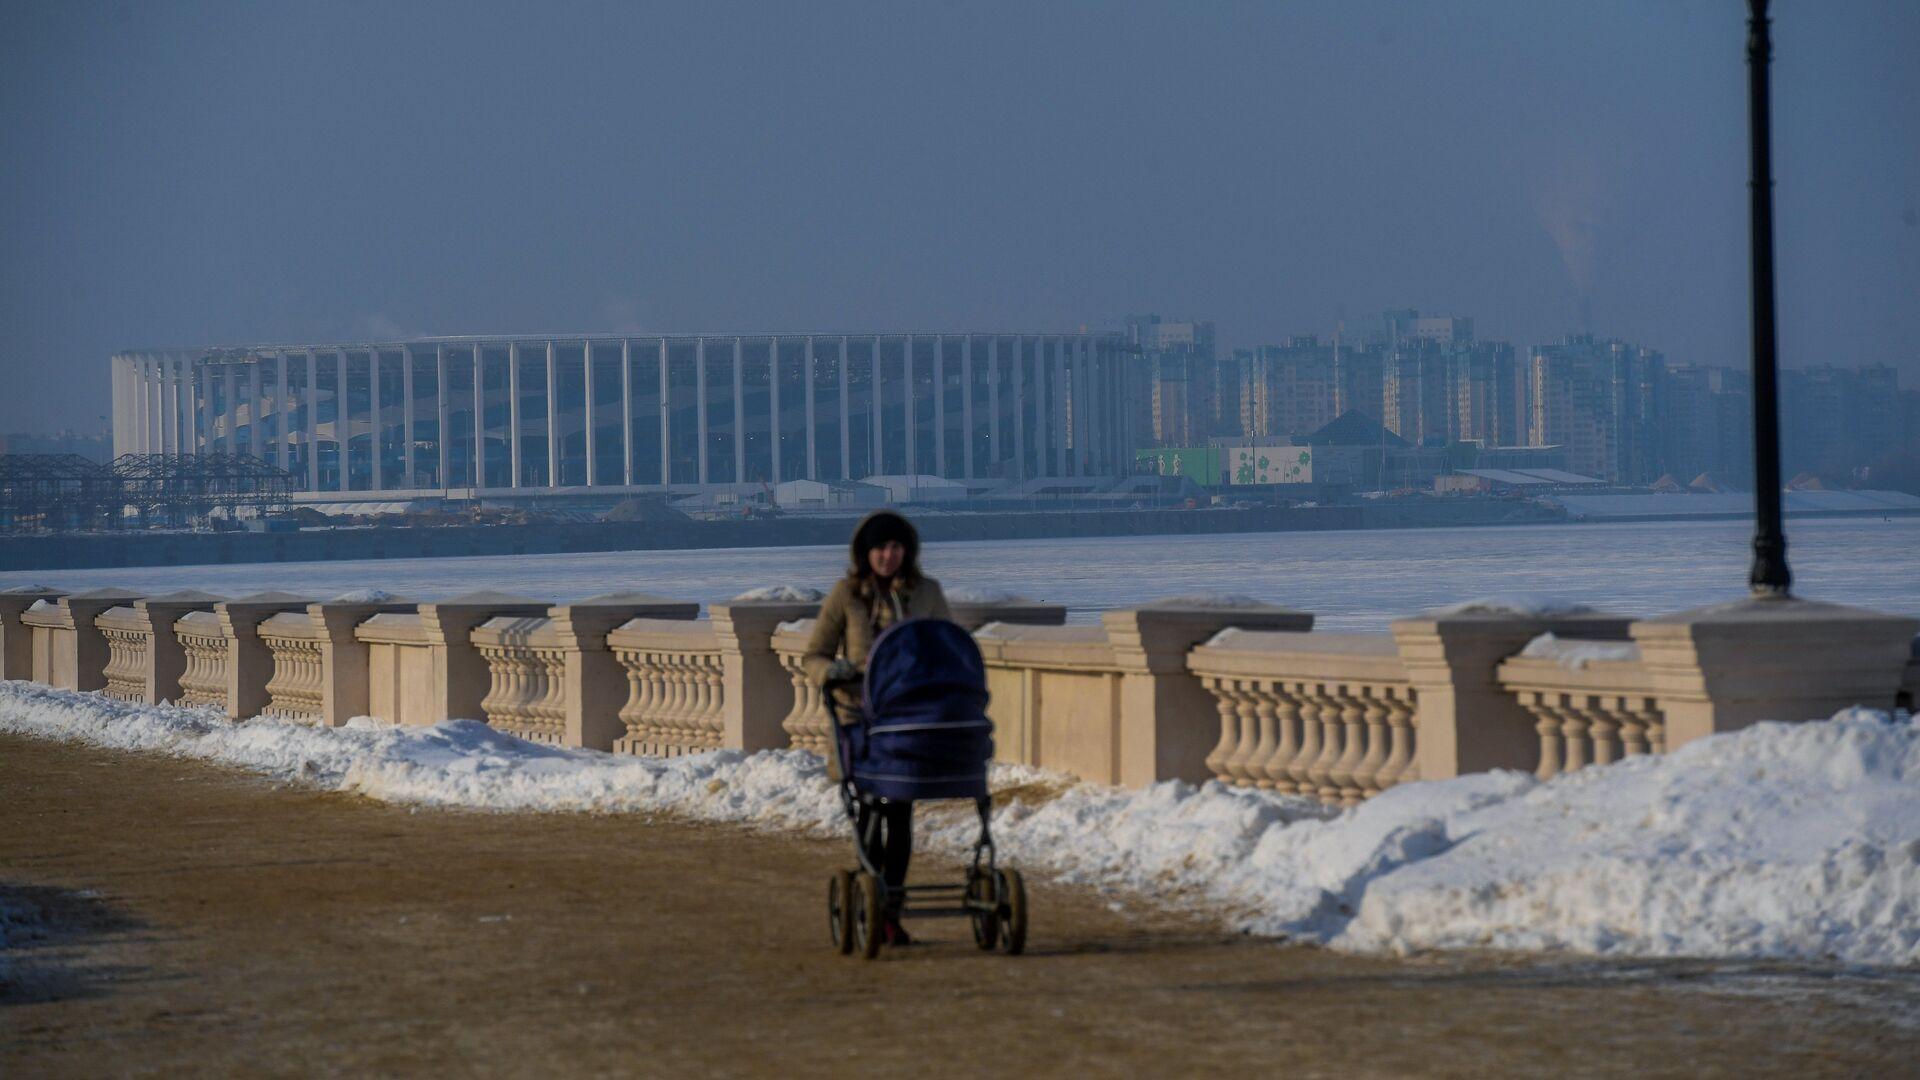 Женщина с коляской гуляет по набережной в Нижнем Новгороде - РИА Новости, 1920, 04.12.2020